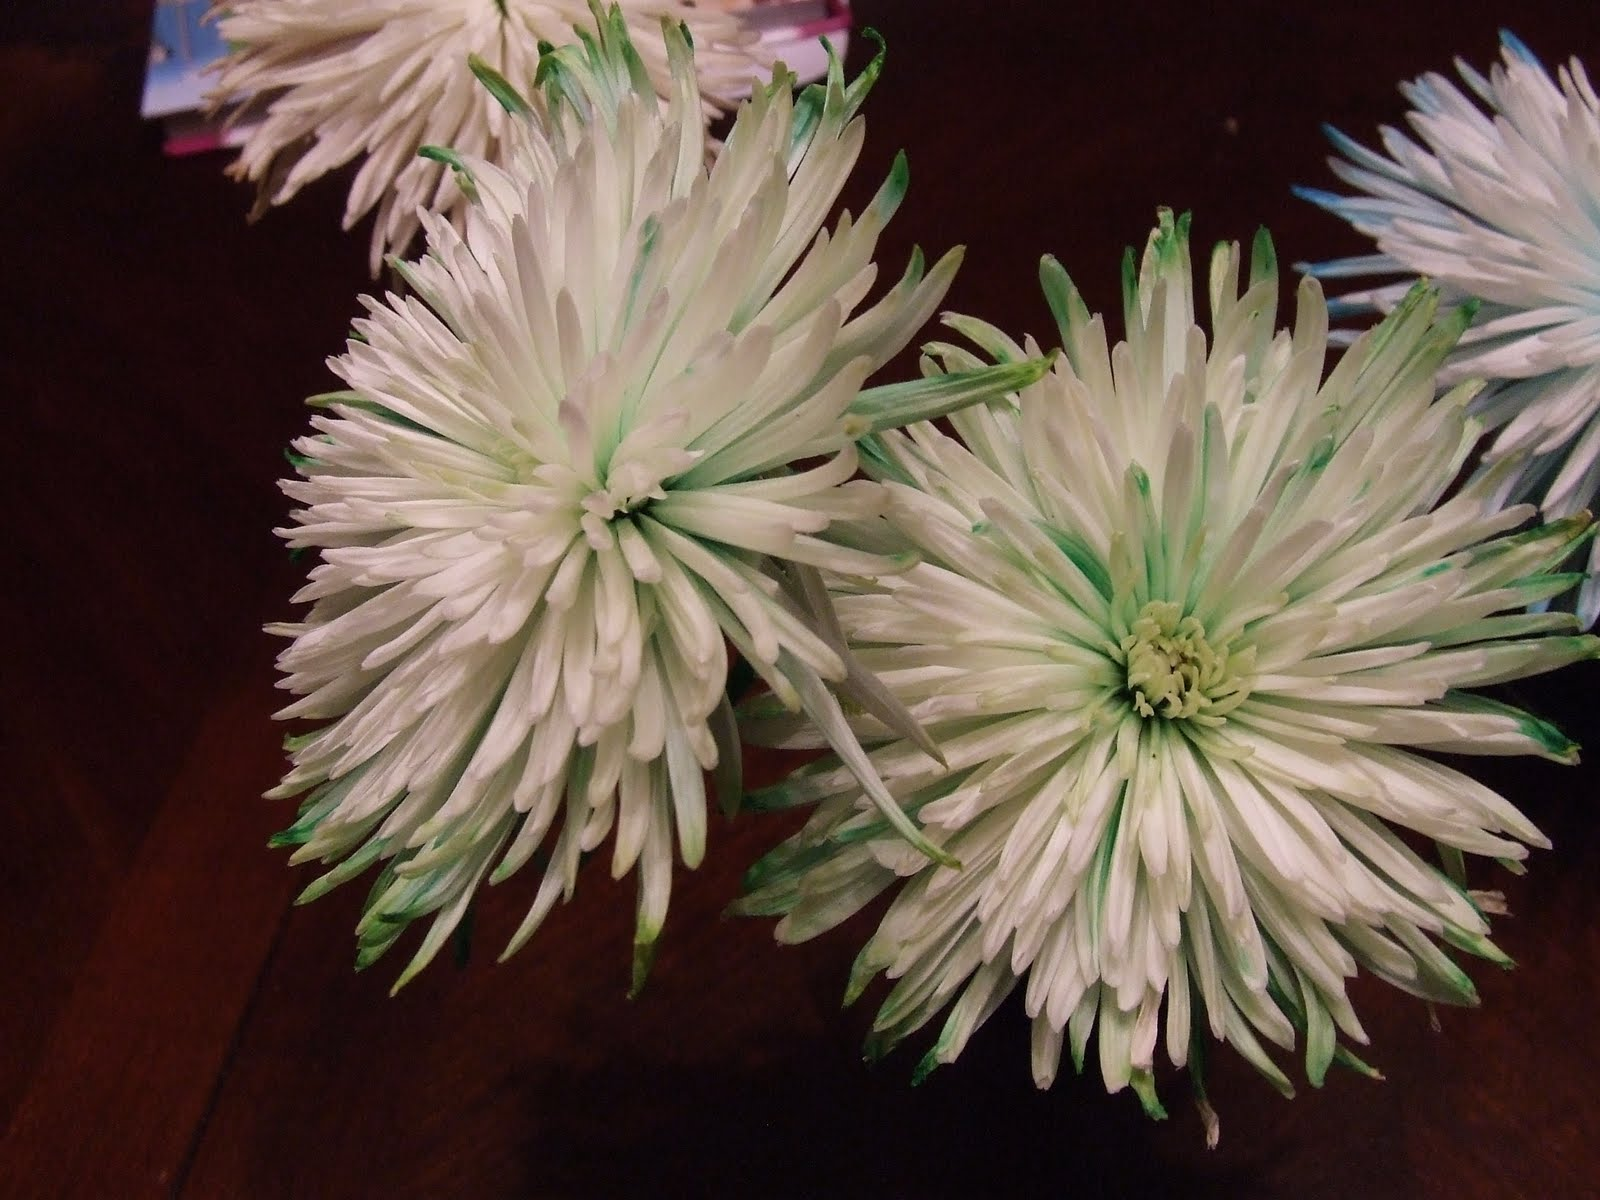 Akridge Academy: Food Dye in Flower Water